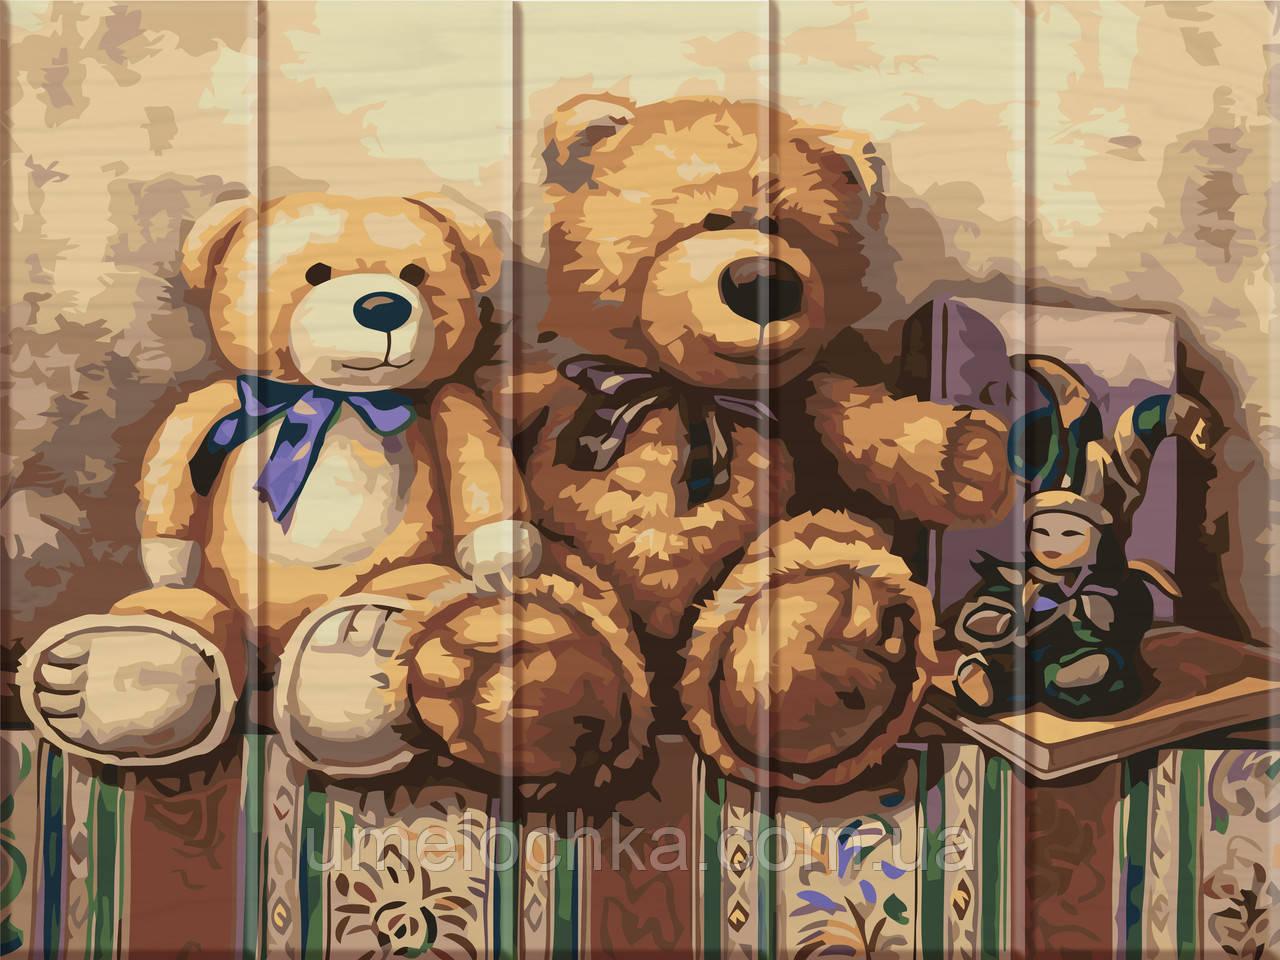 Картина по номерам Медвежата 30 х 40 см (ASW020)